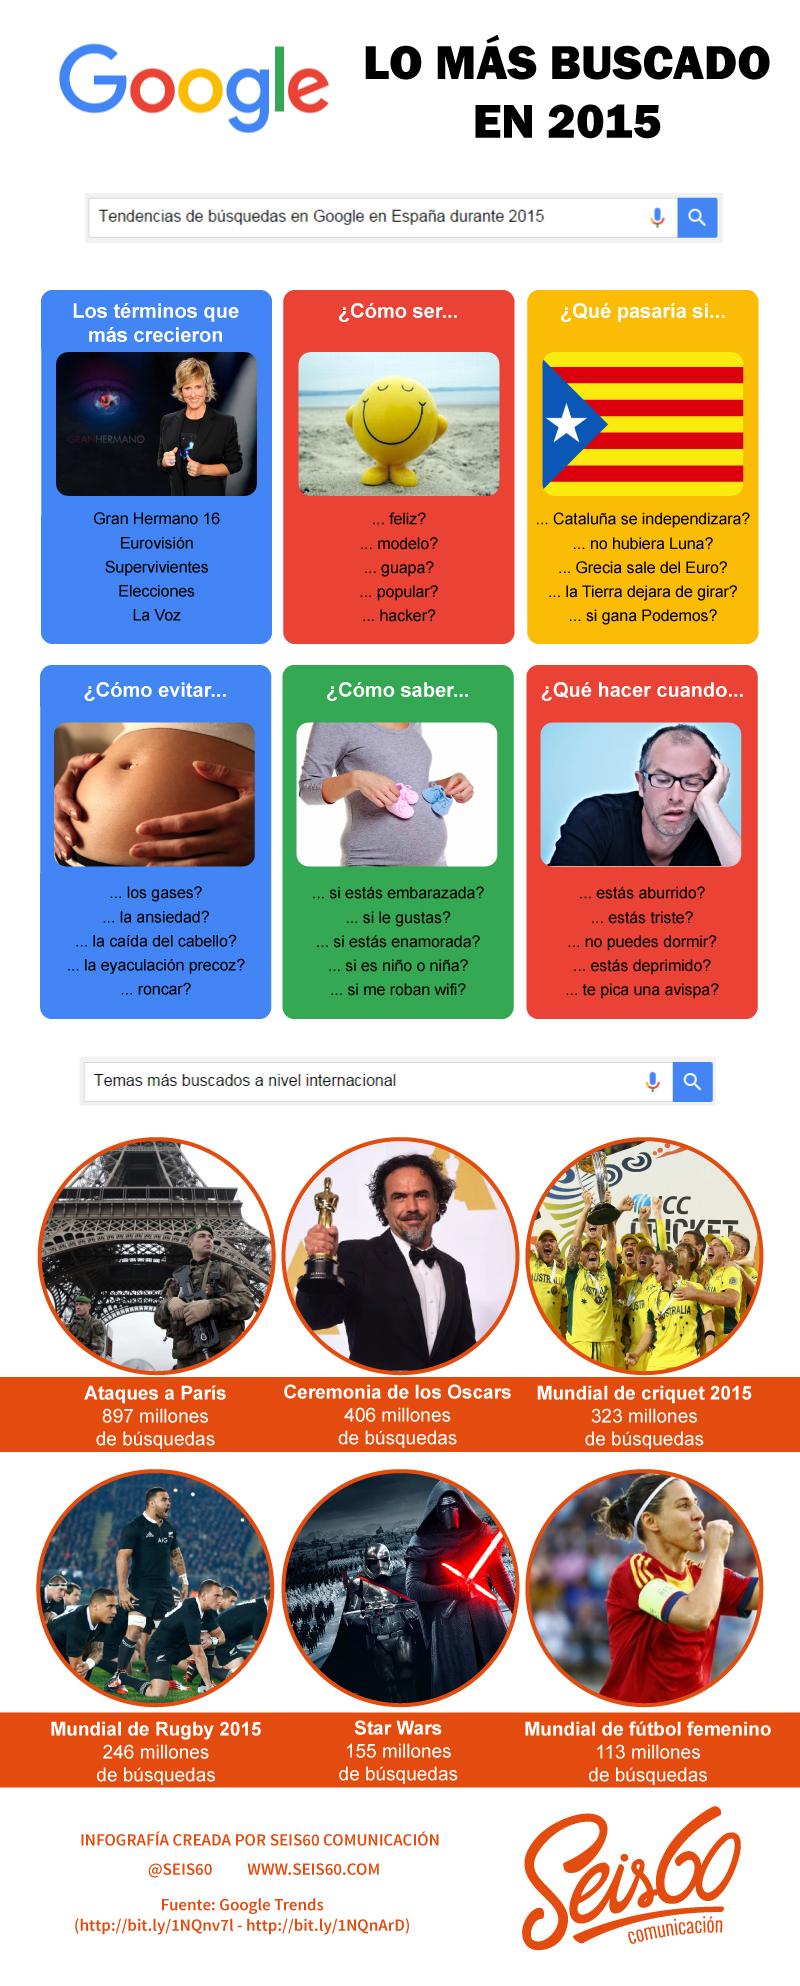 Lo más buscado en Google en 2015